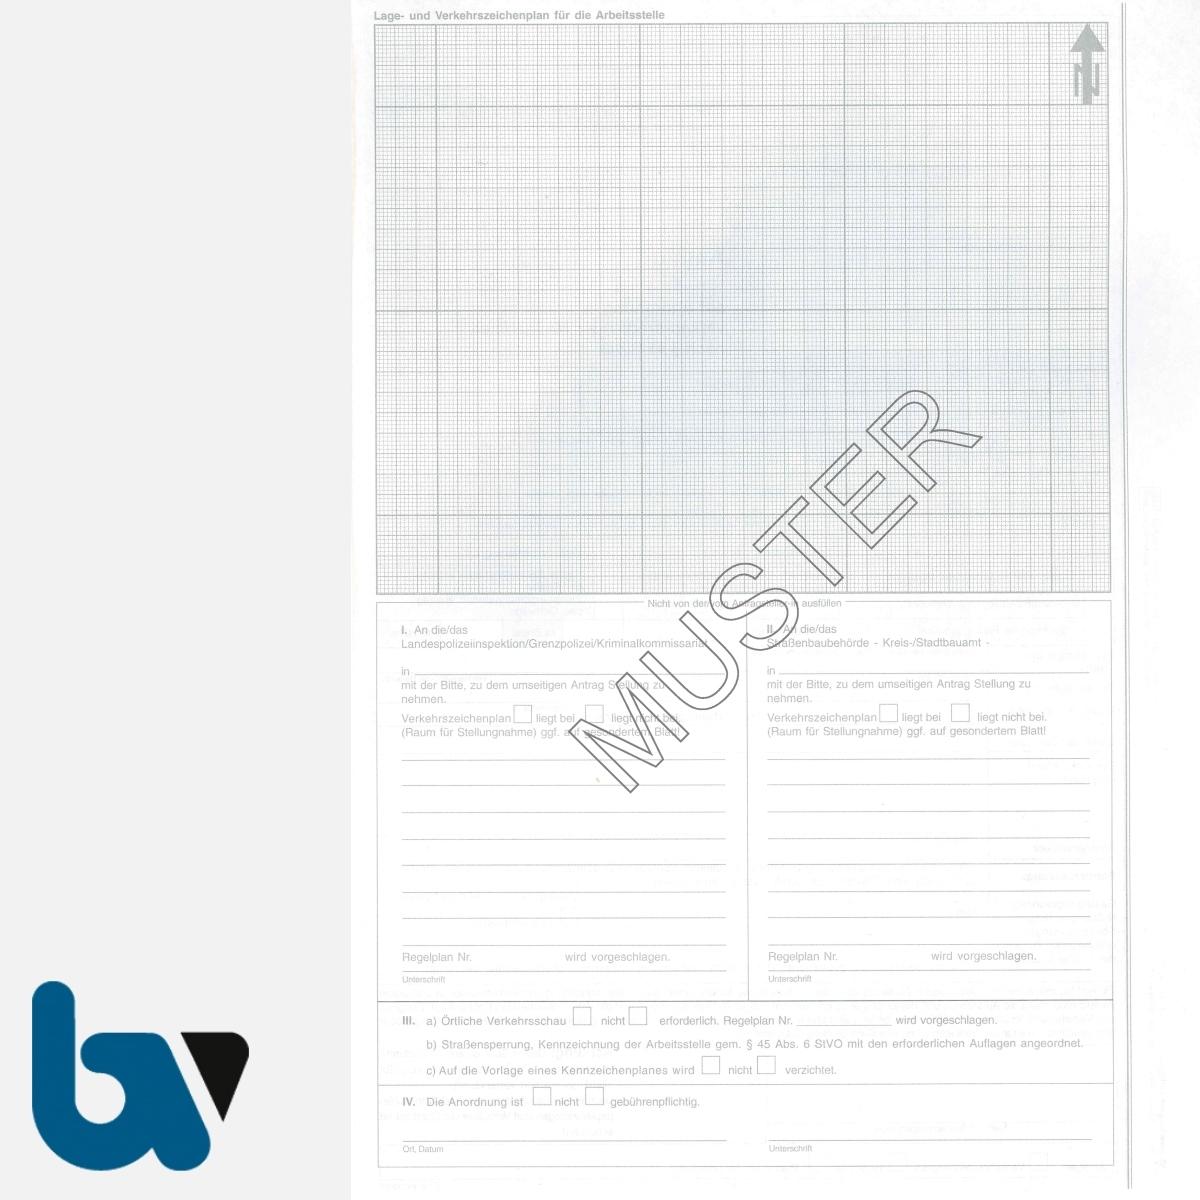 0/497-4 Antrag Anordnung verkehrsregelnde Maßnahmen 45 Strassenverkehrsordnung StVO selbstdurchschreibend DIN A4 3-fach RS | Borgard Verlag GmbH